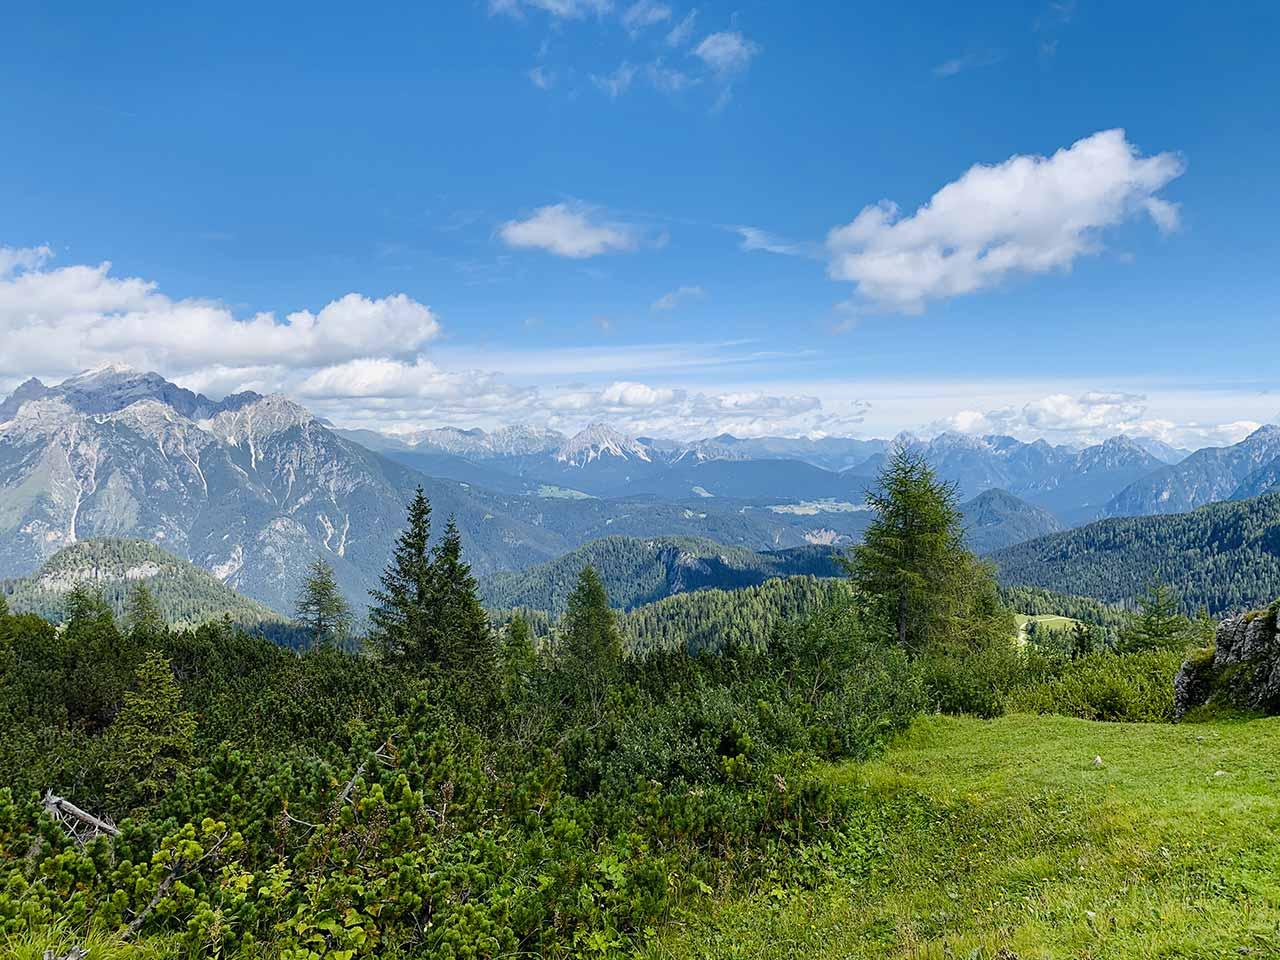 Vista montagna rifugio Ciareido